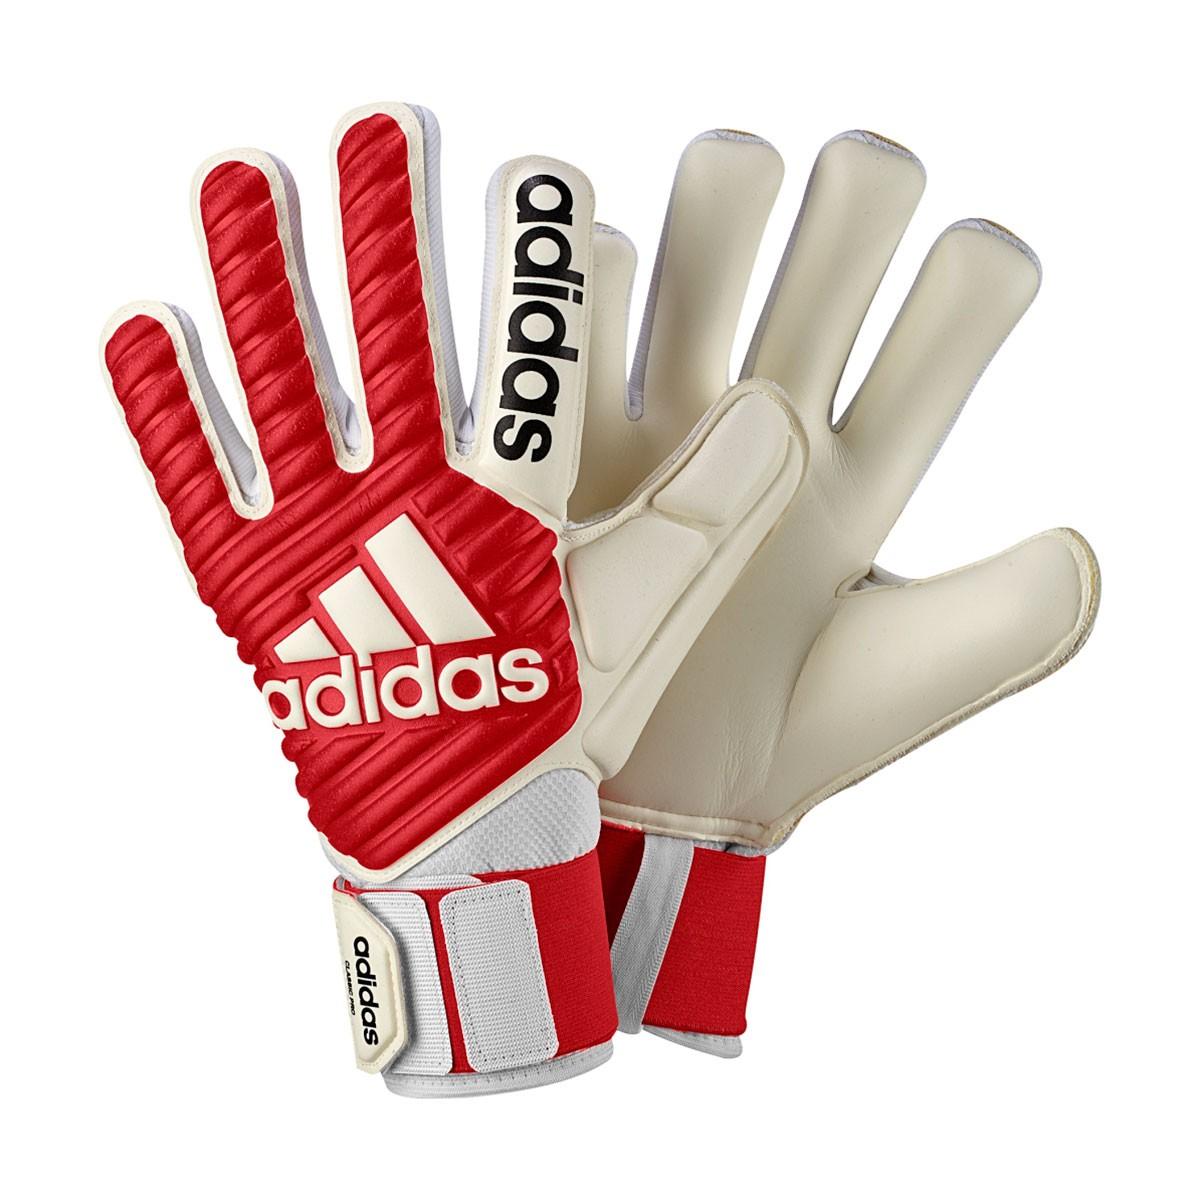 e326e5b866 Guanti adidas Classic Pro Real coral-White - Negozio di calcio Fútbol  Emotion